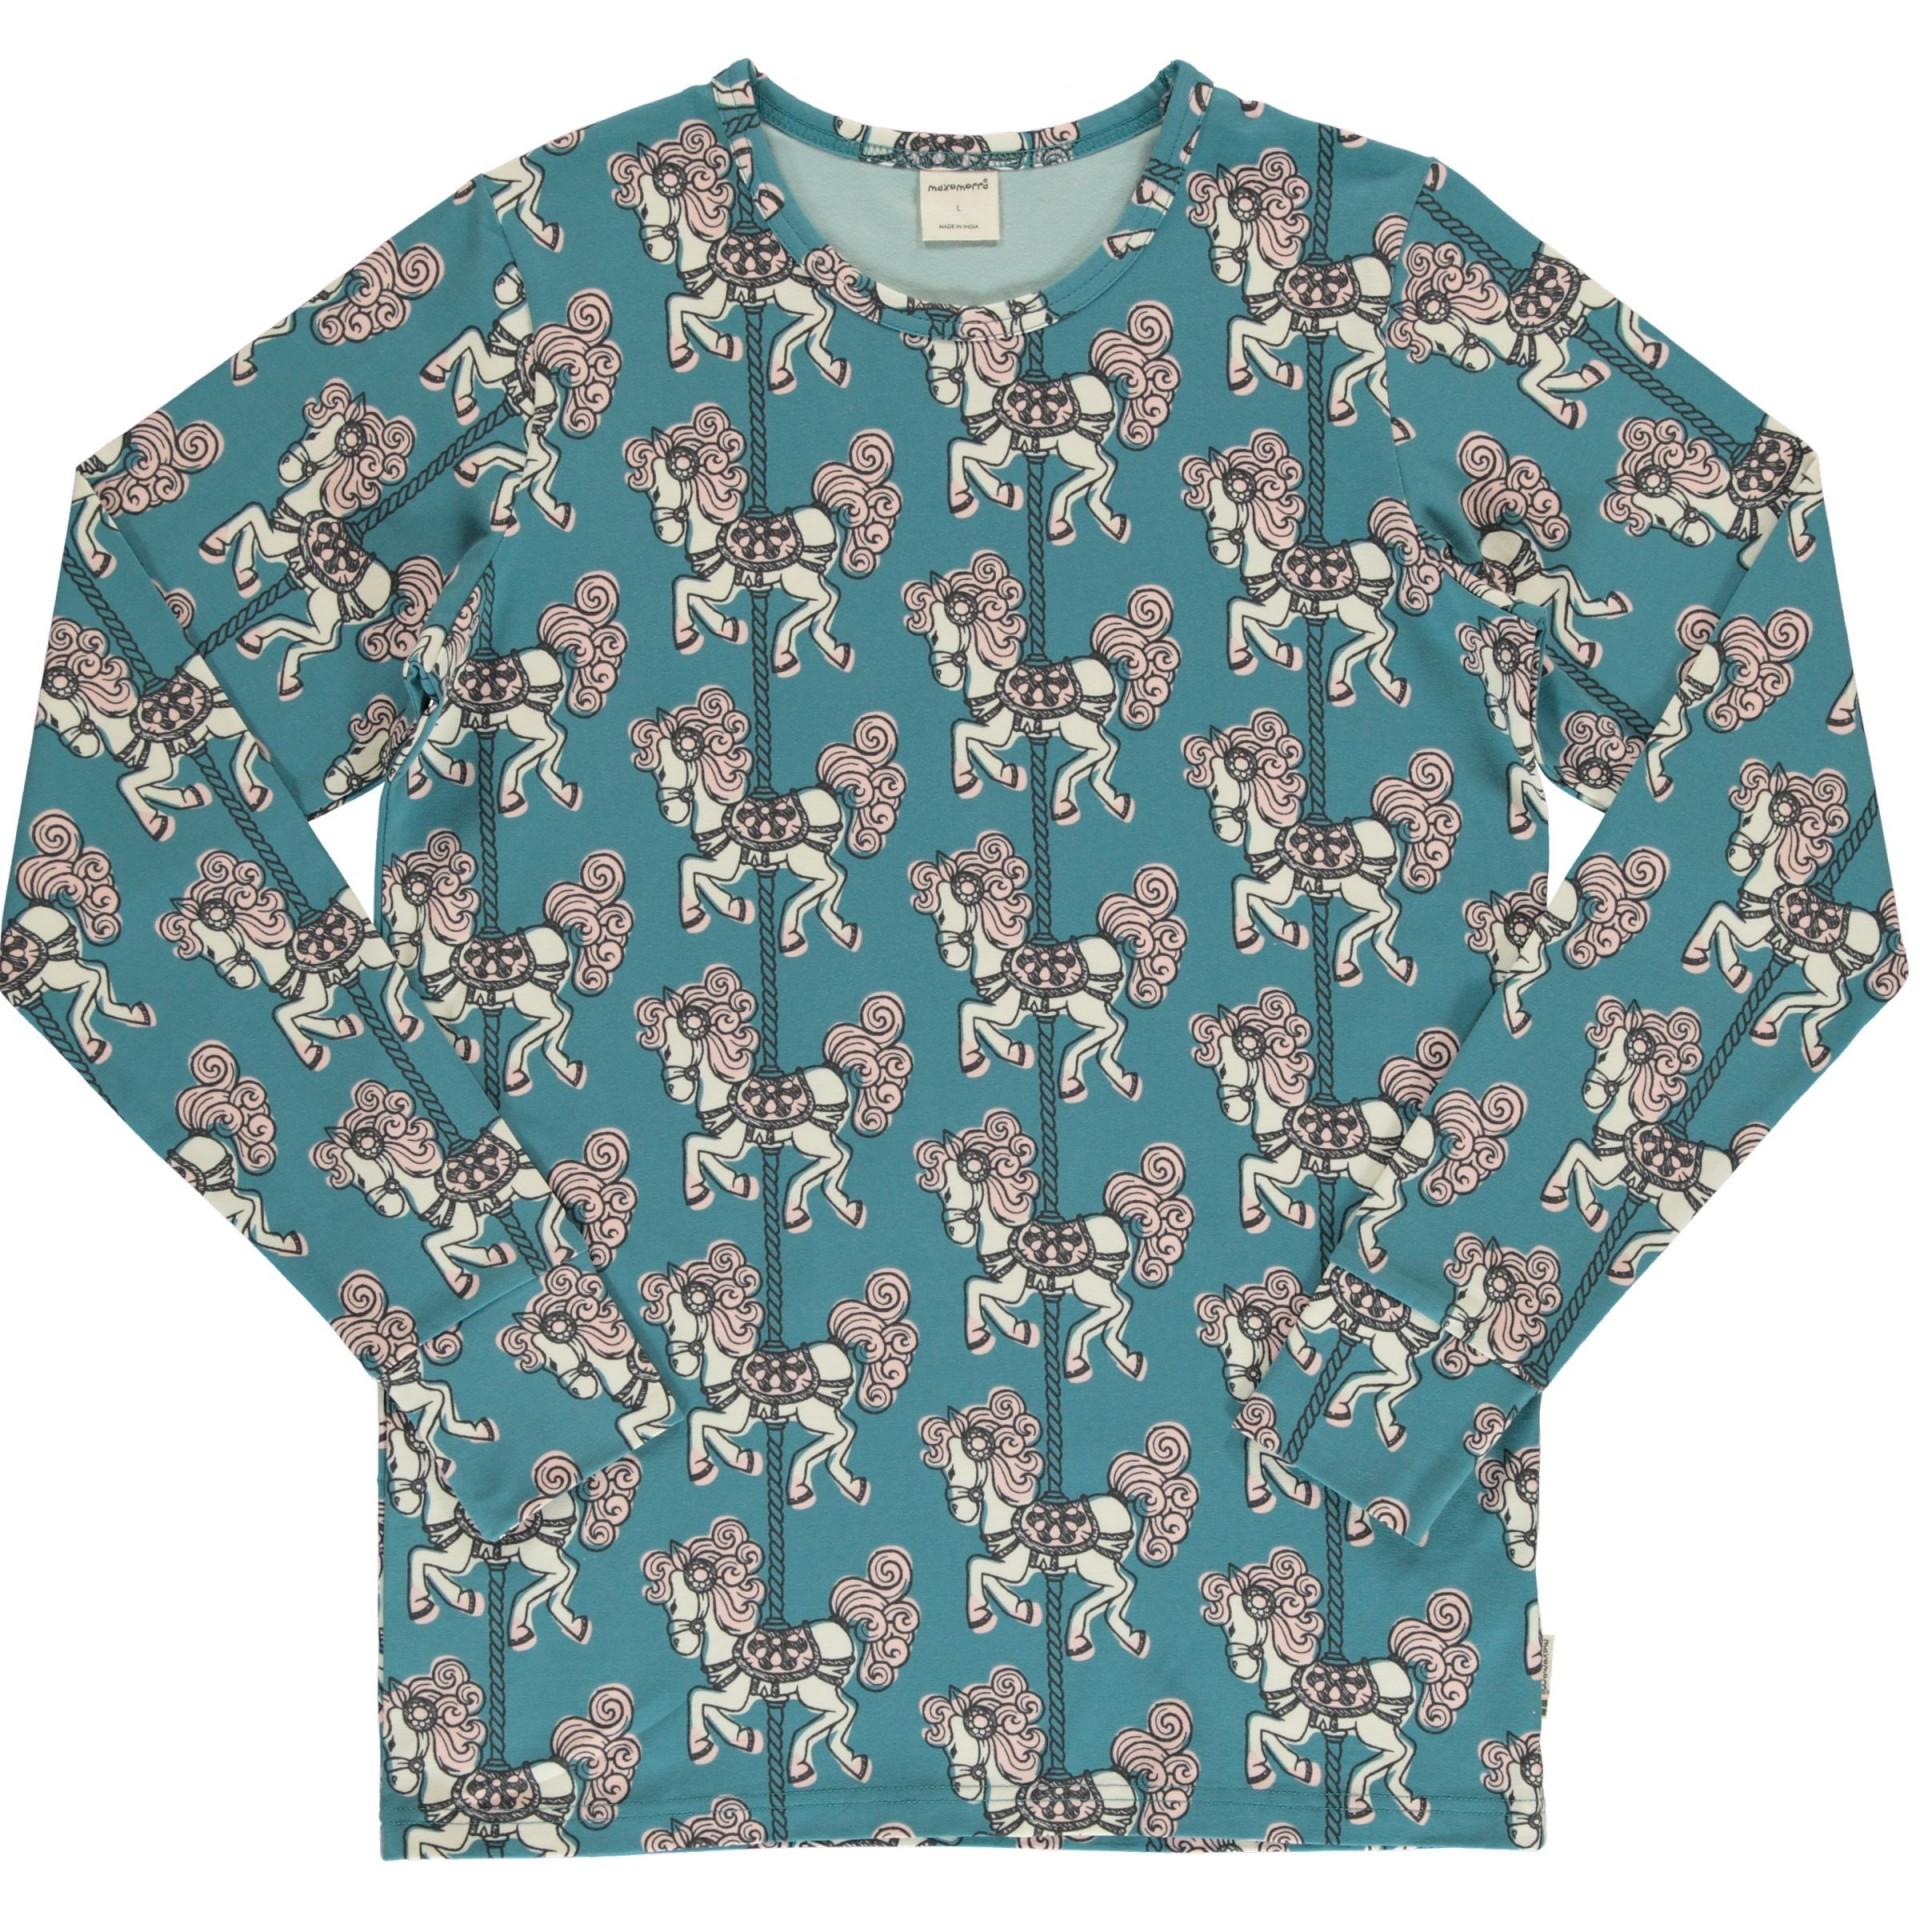 Camisola Merry Go Round Maxomorra (Tamanhos disponíveis 18-24m, 3-4a, 5-6a)